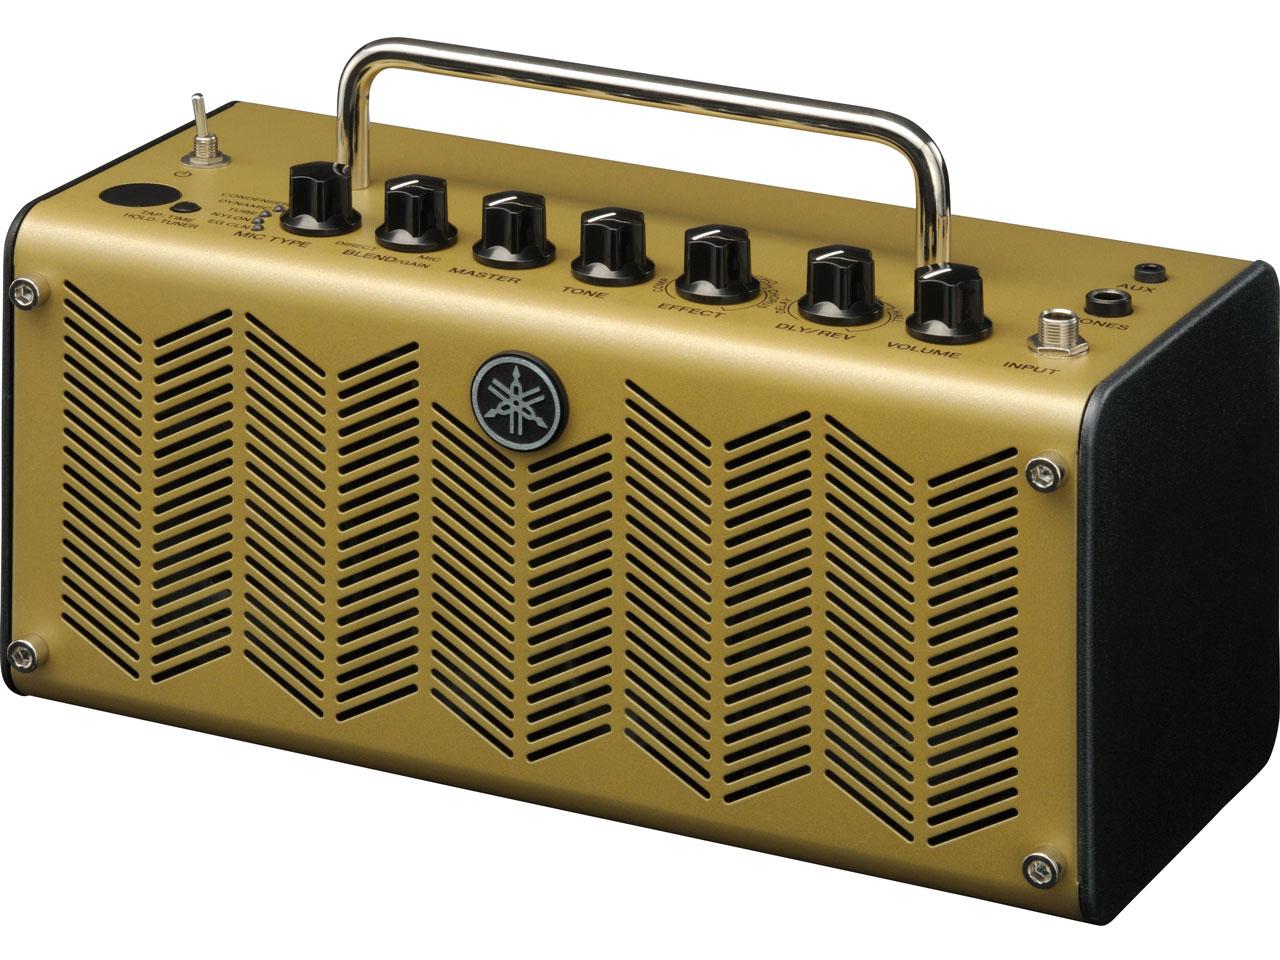 YAMAHA ヤマハ ギターアンプ THR5A デジタルエフェクト内蔵 THR5 VCM モデリング アコースティックアンプ